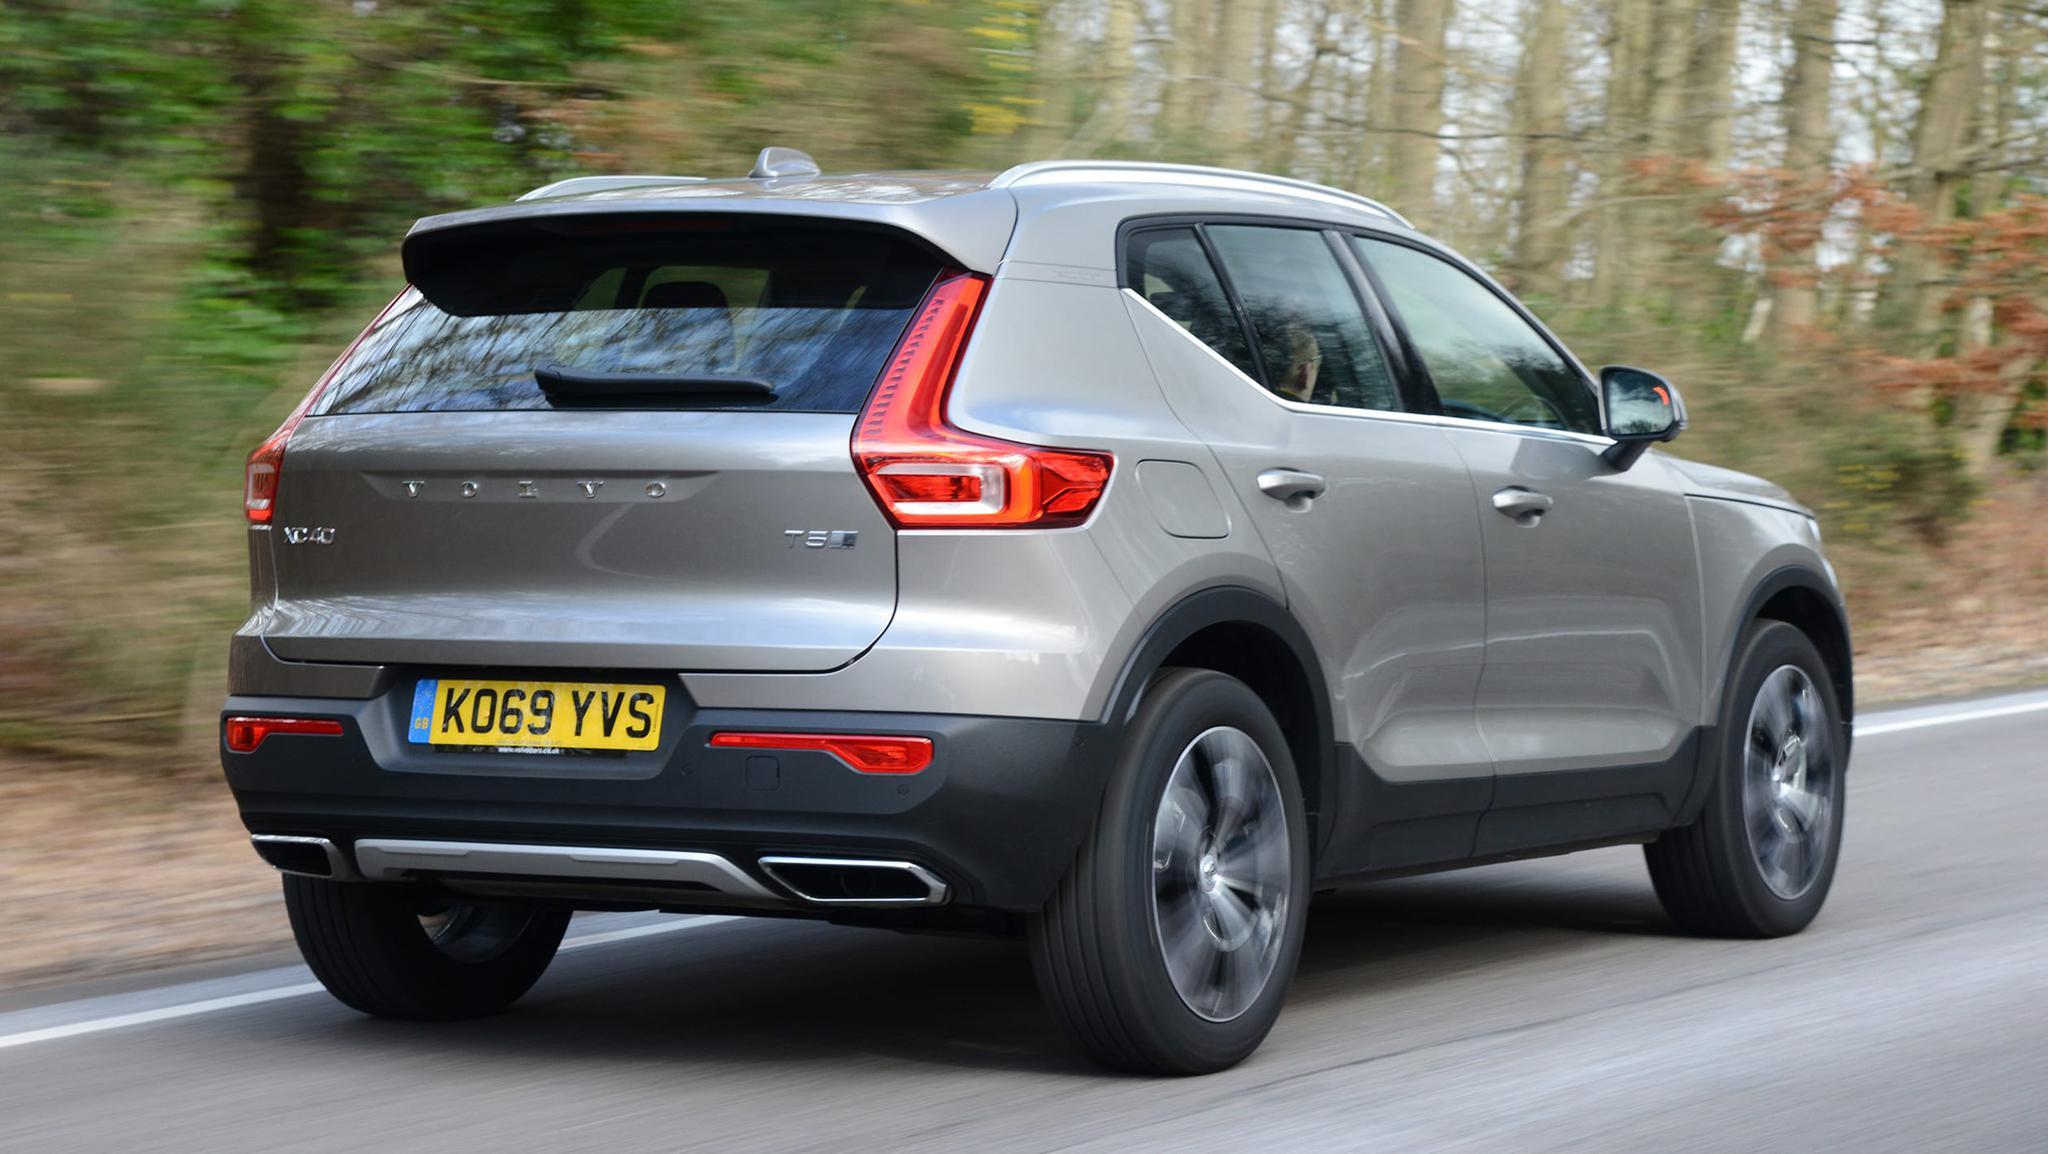 沃尔沃首款纯电动车进军英国市场 提供1款车型约合46.2万起售